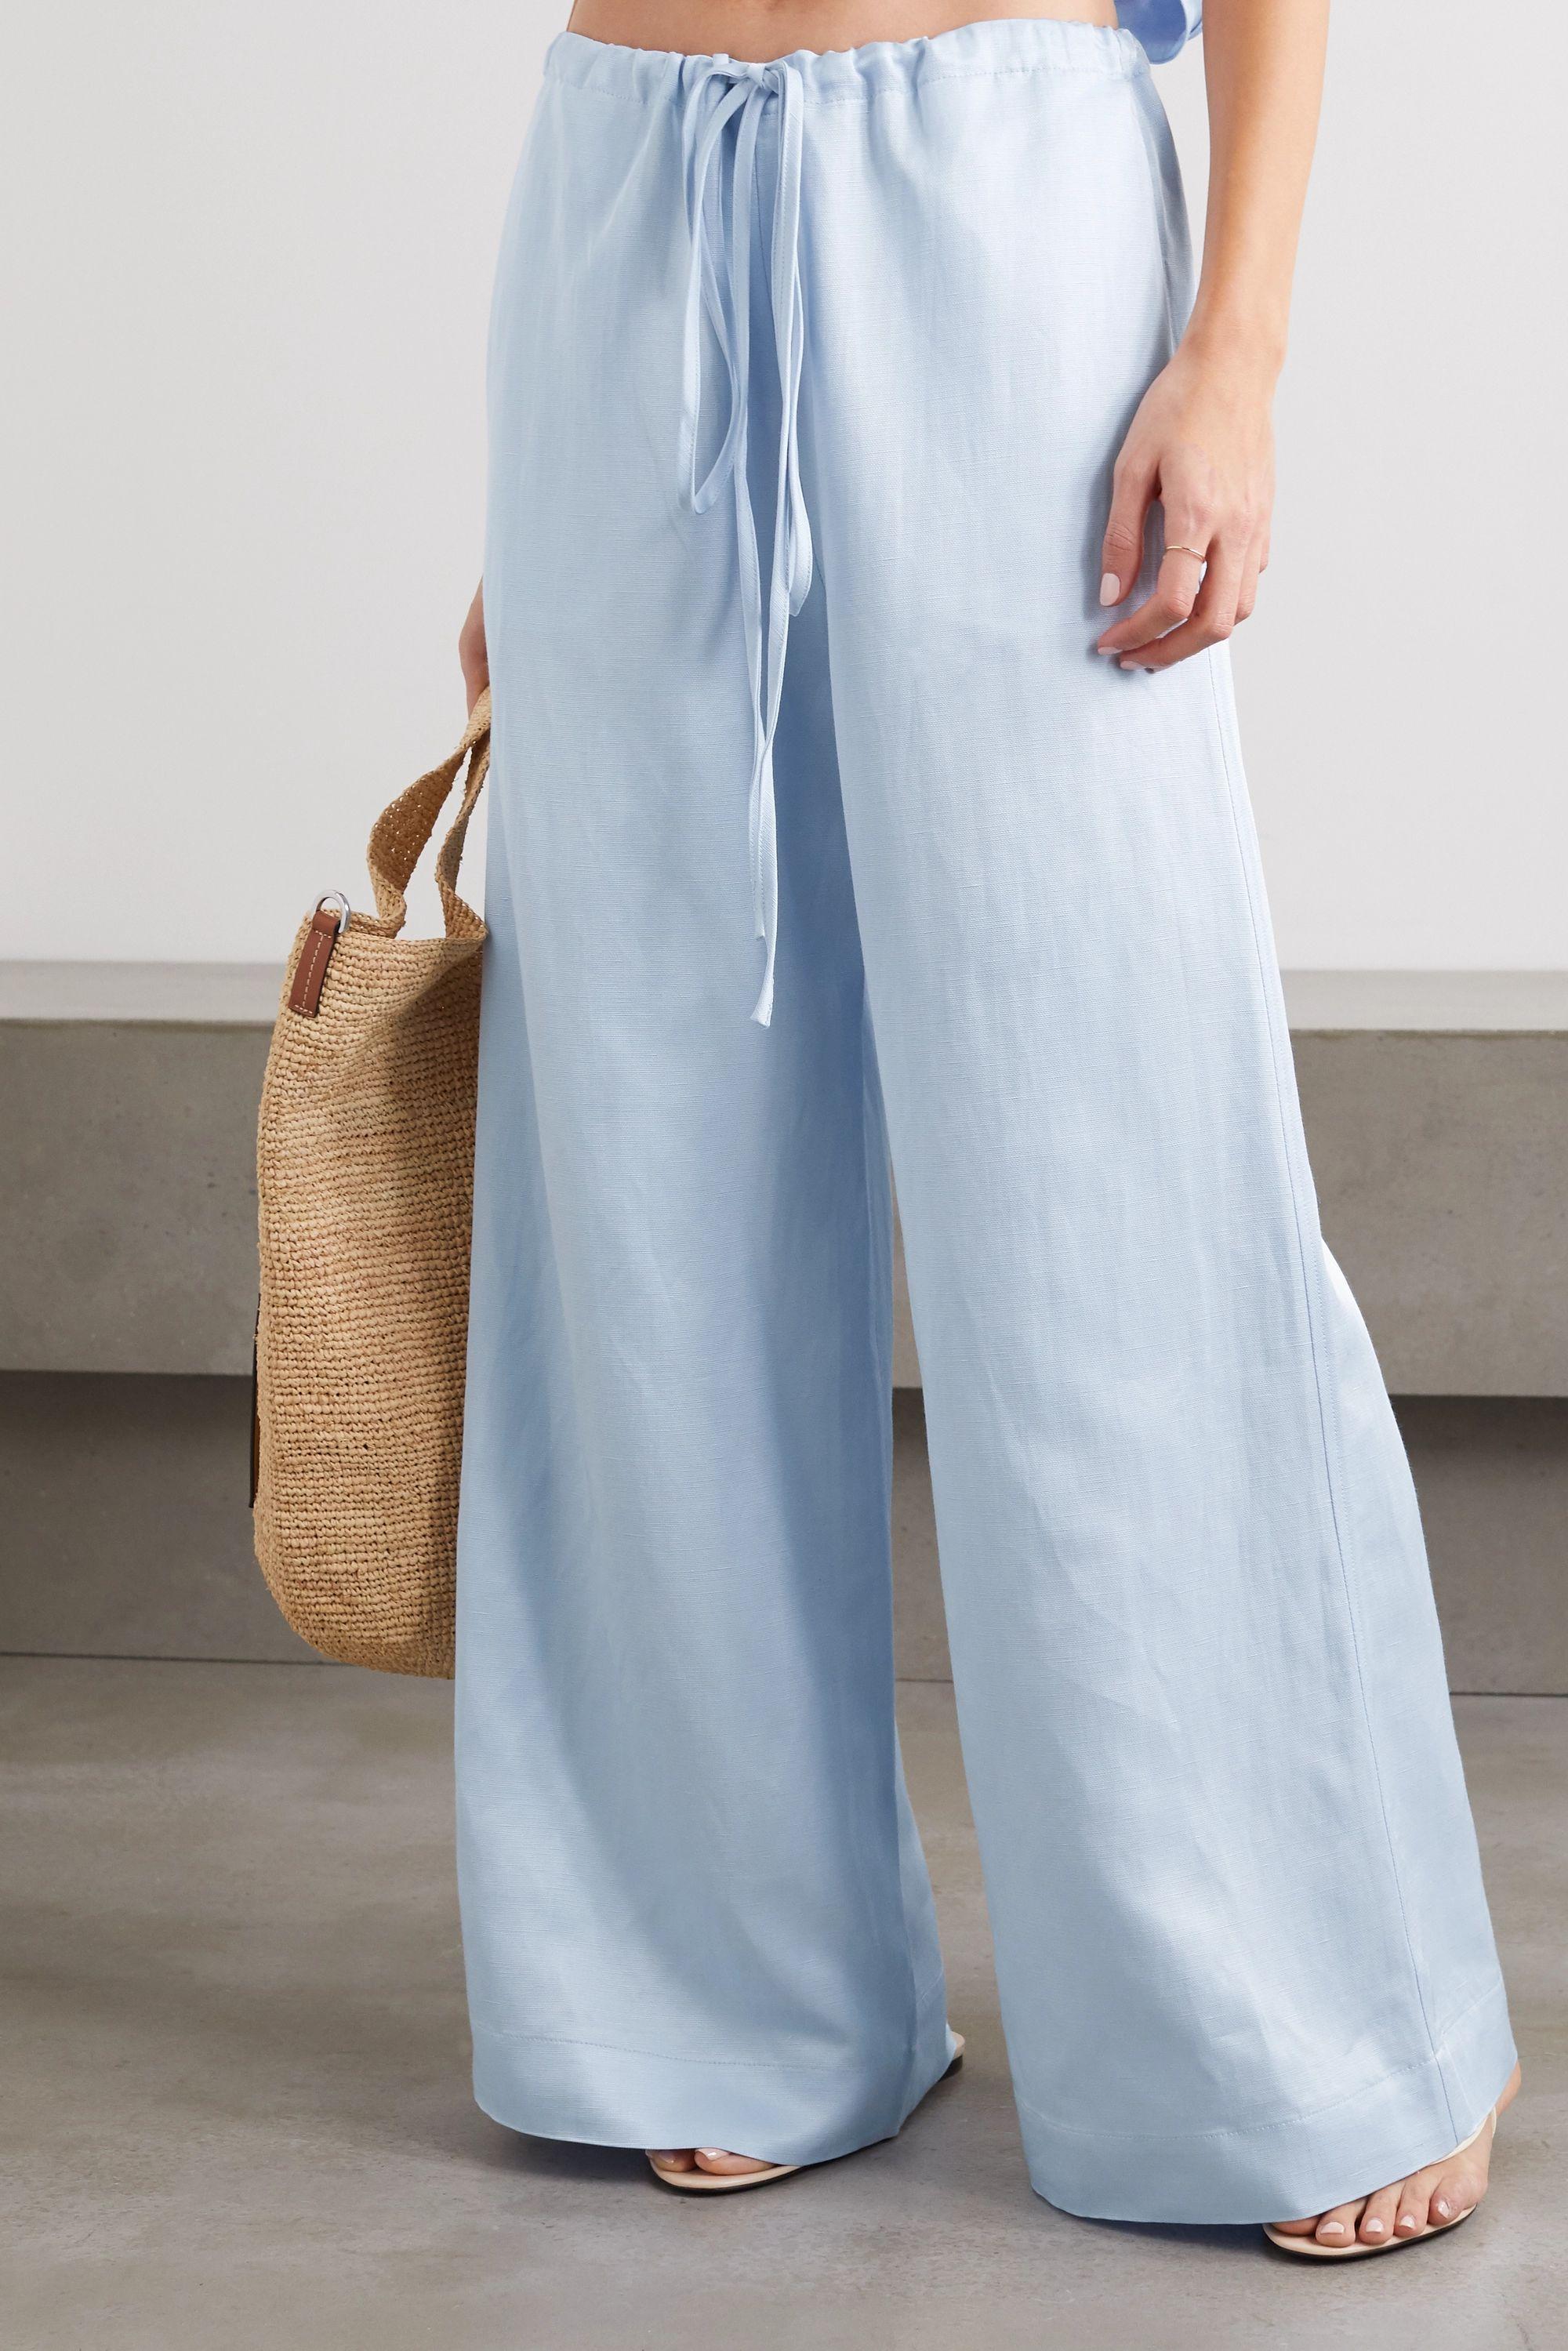 BONDI BORN Woven pants